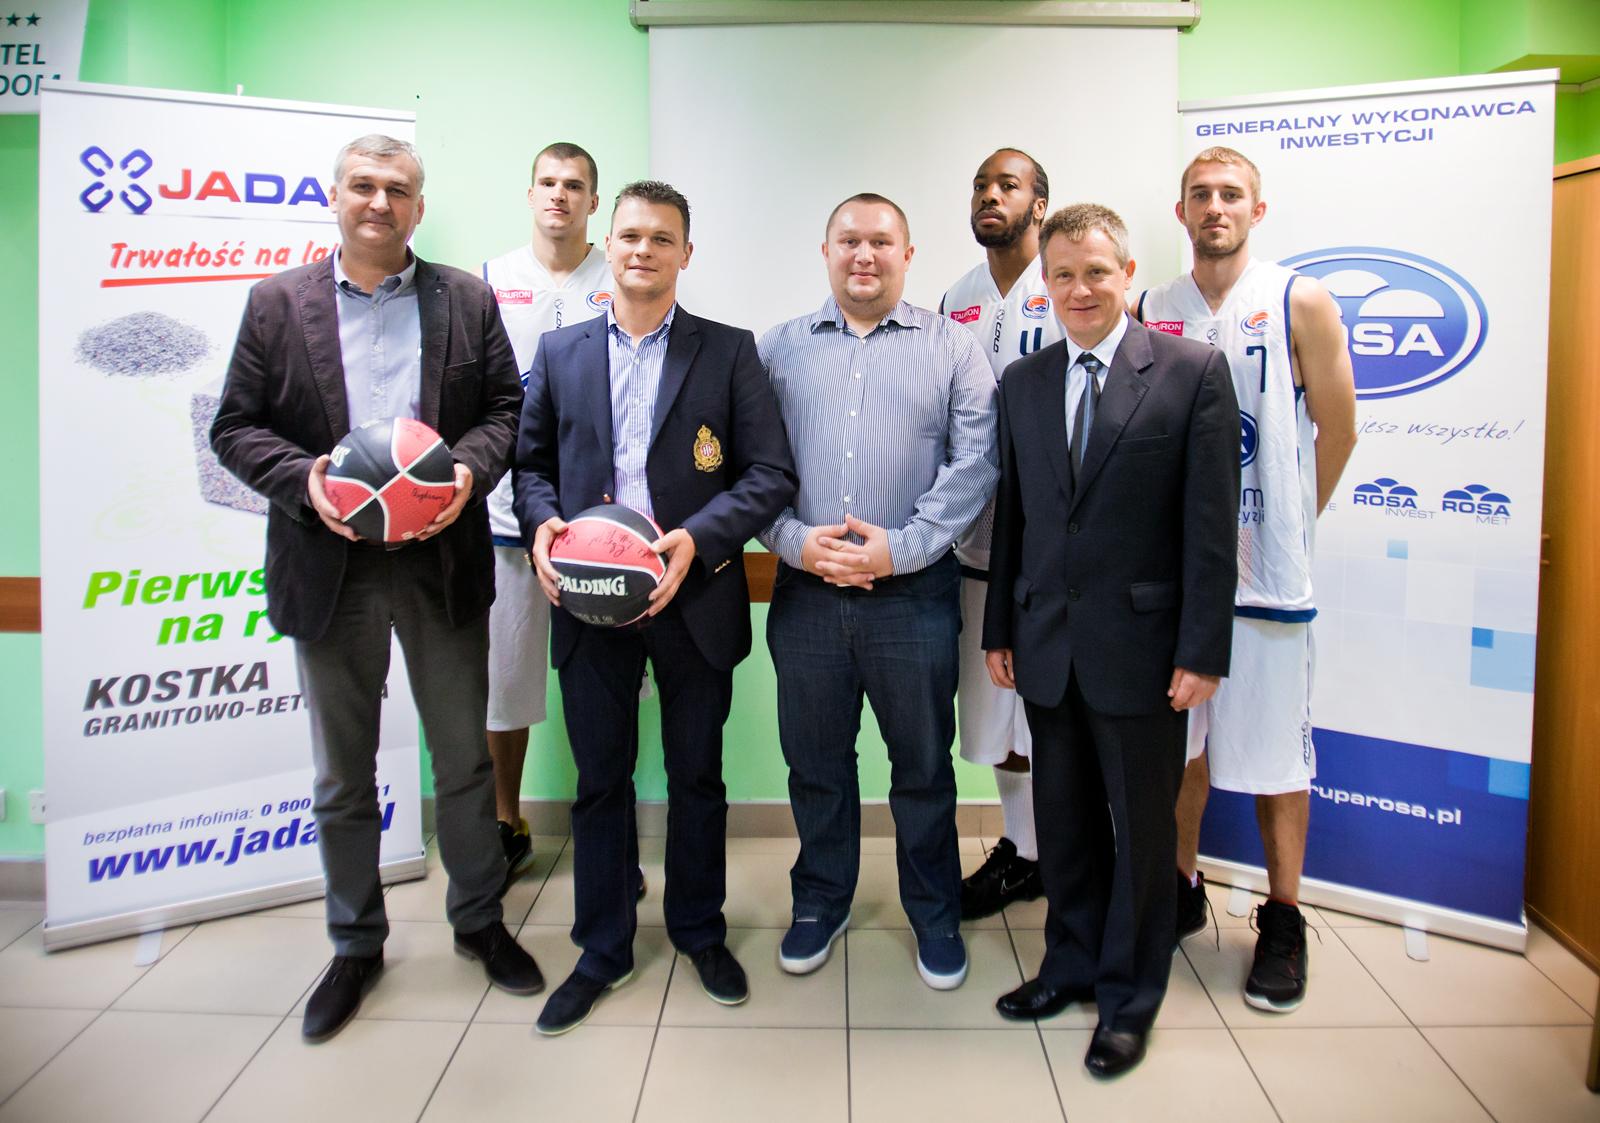 ROSA ma nowych sponsorów fot. Tomasz Fijałkowski